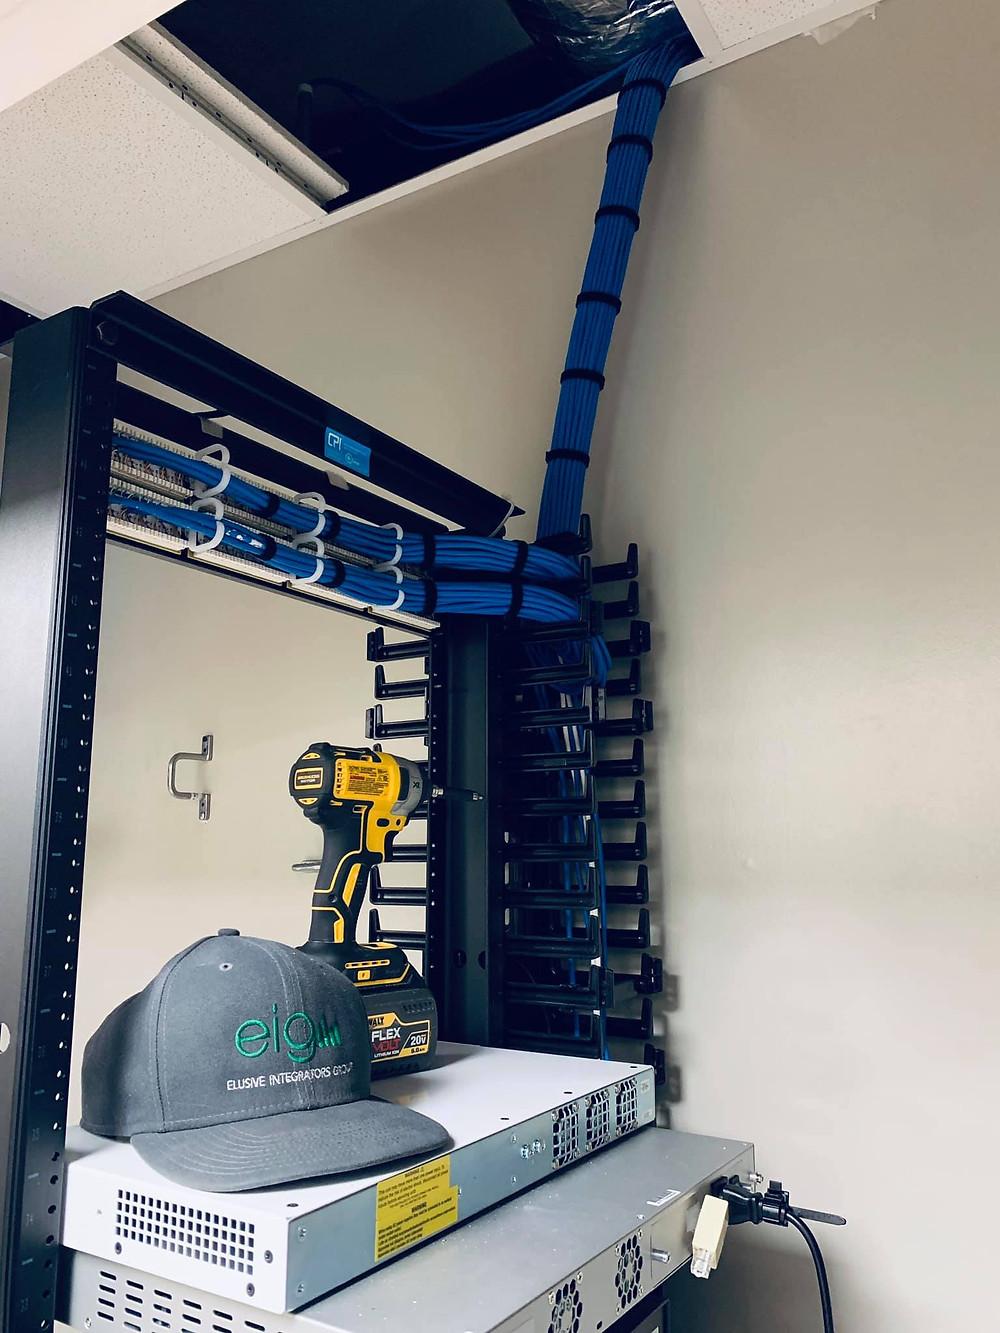 Office Cabling Services in Dallas, Plano, Frisco, Mckinney, Allen